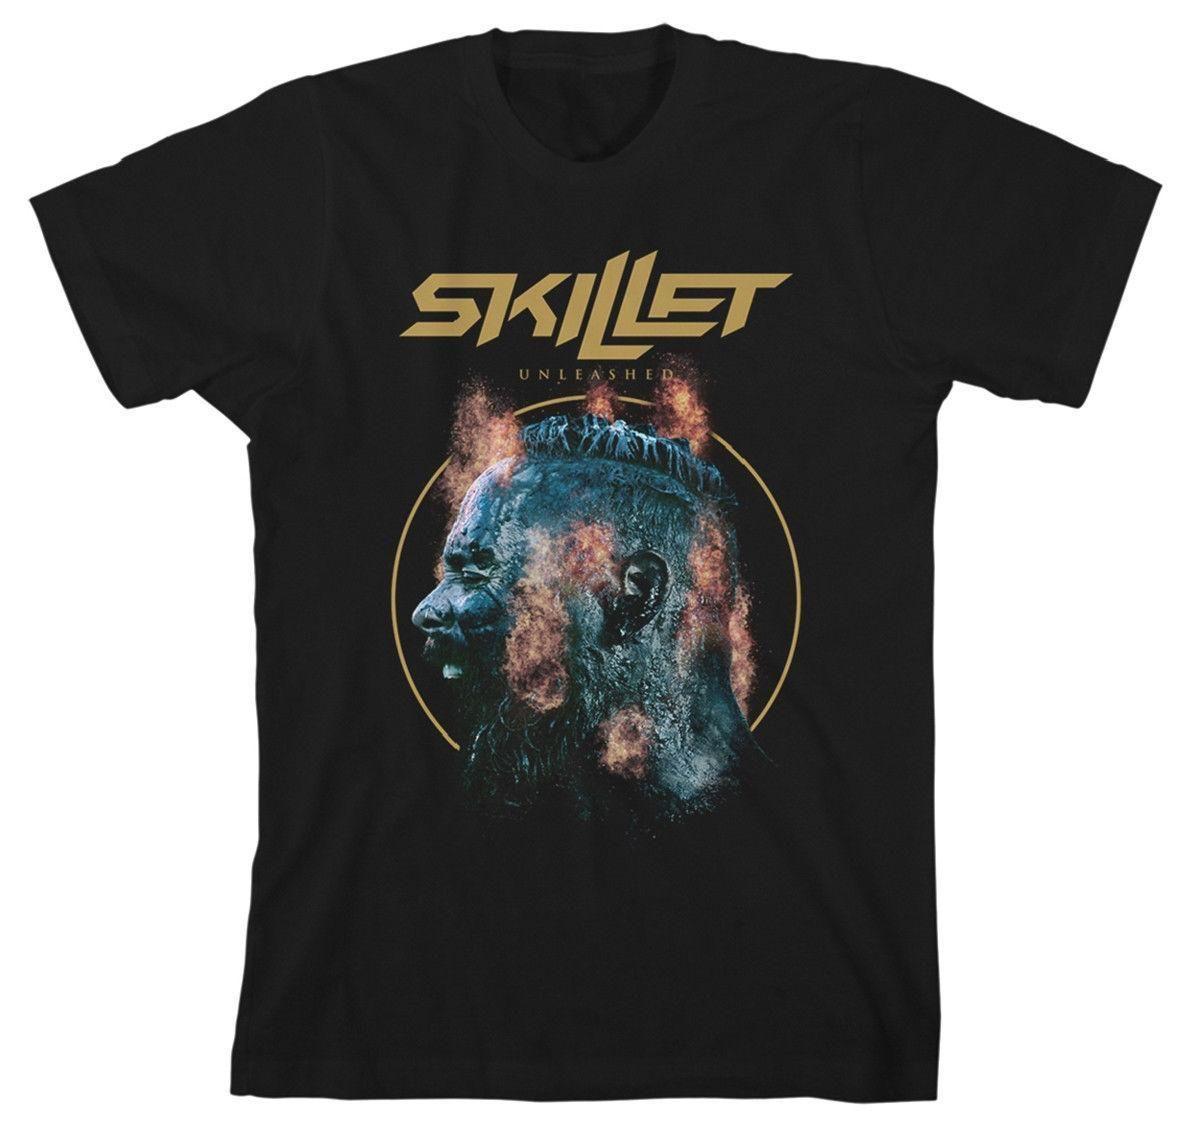 skillet Unleashed Explosión T-SHIRT - Nuevo y Oficial